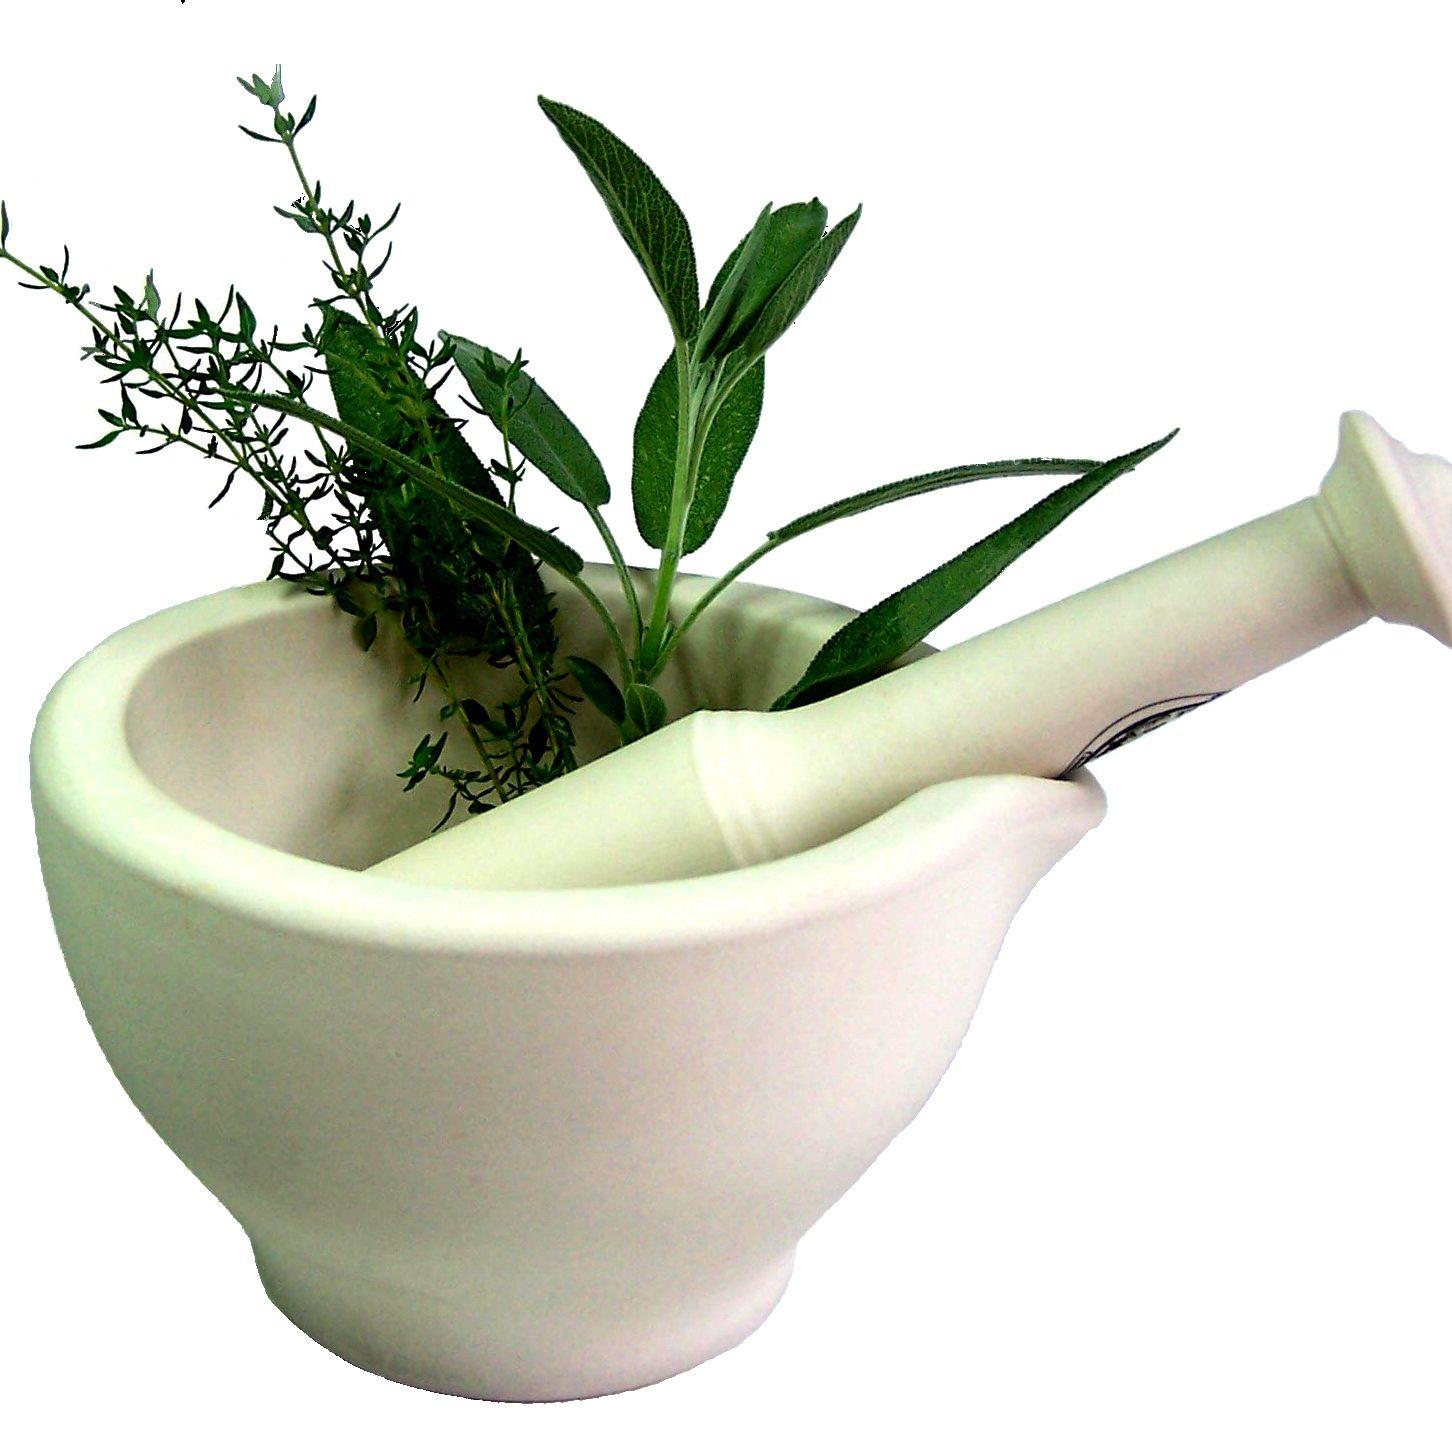 2. Heilpflnazen-Medicinal Plants